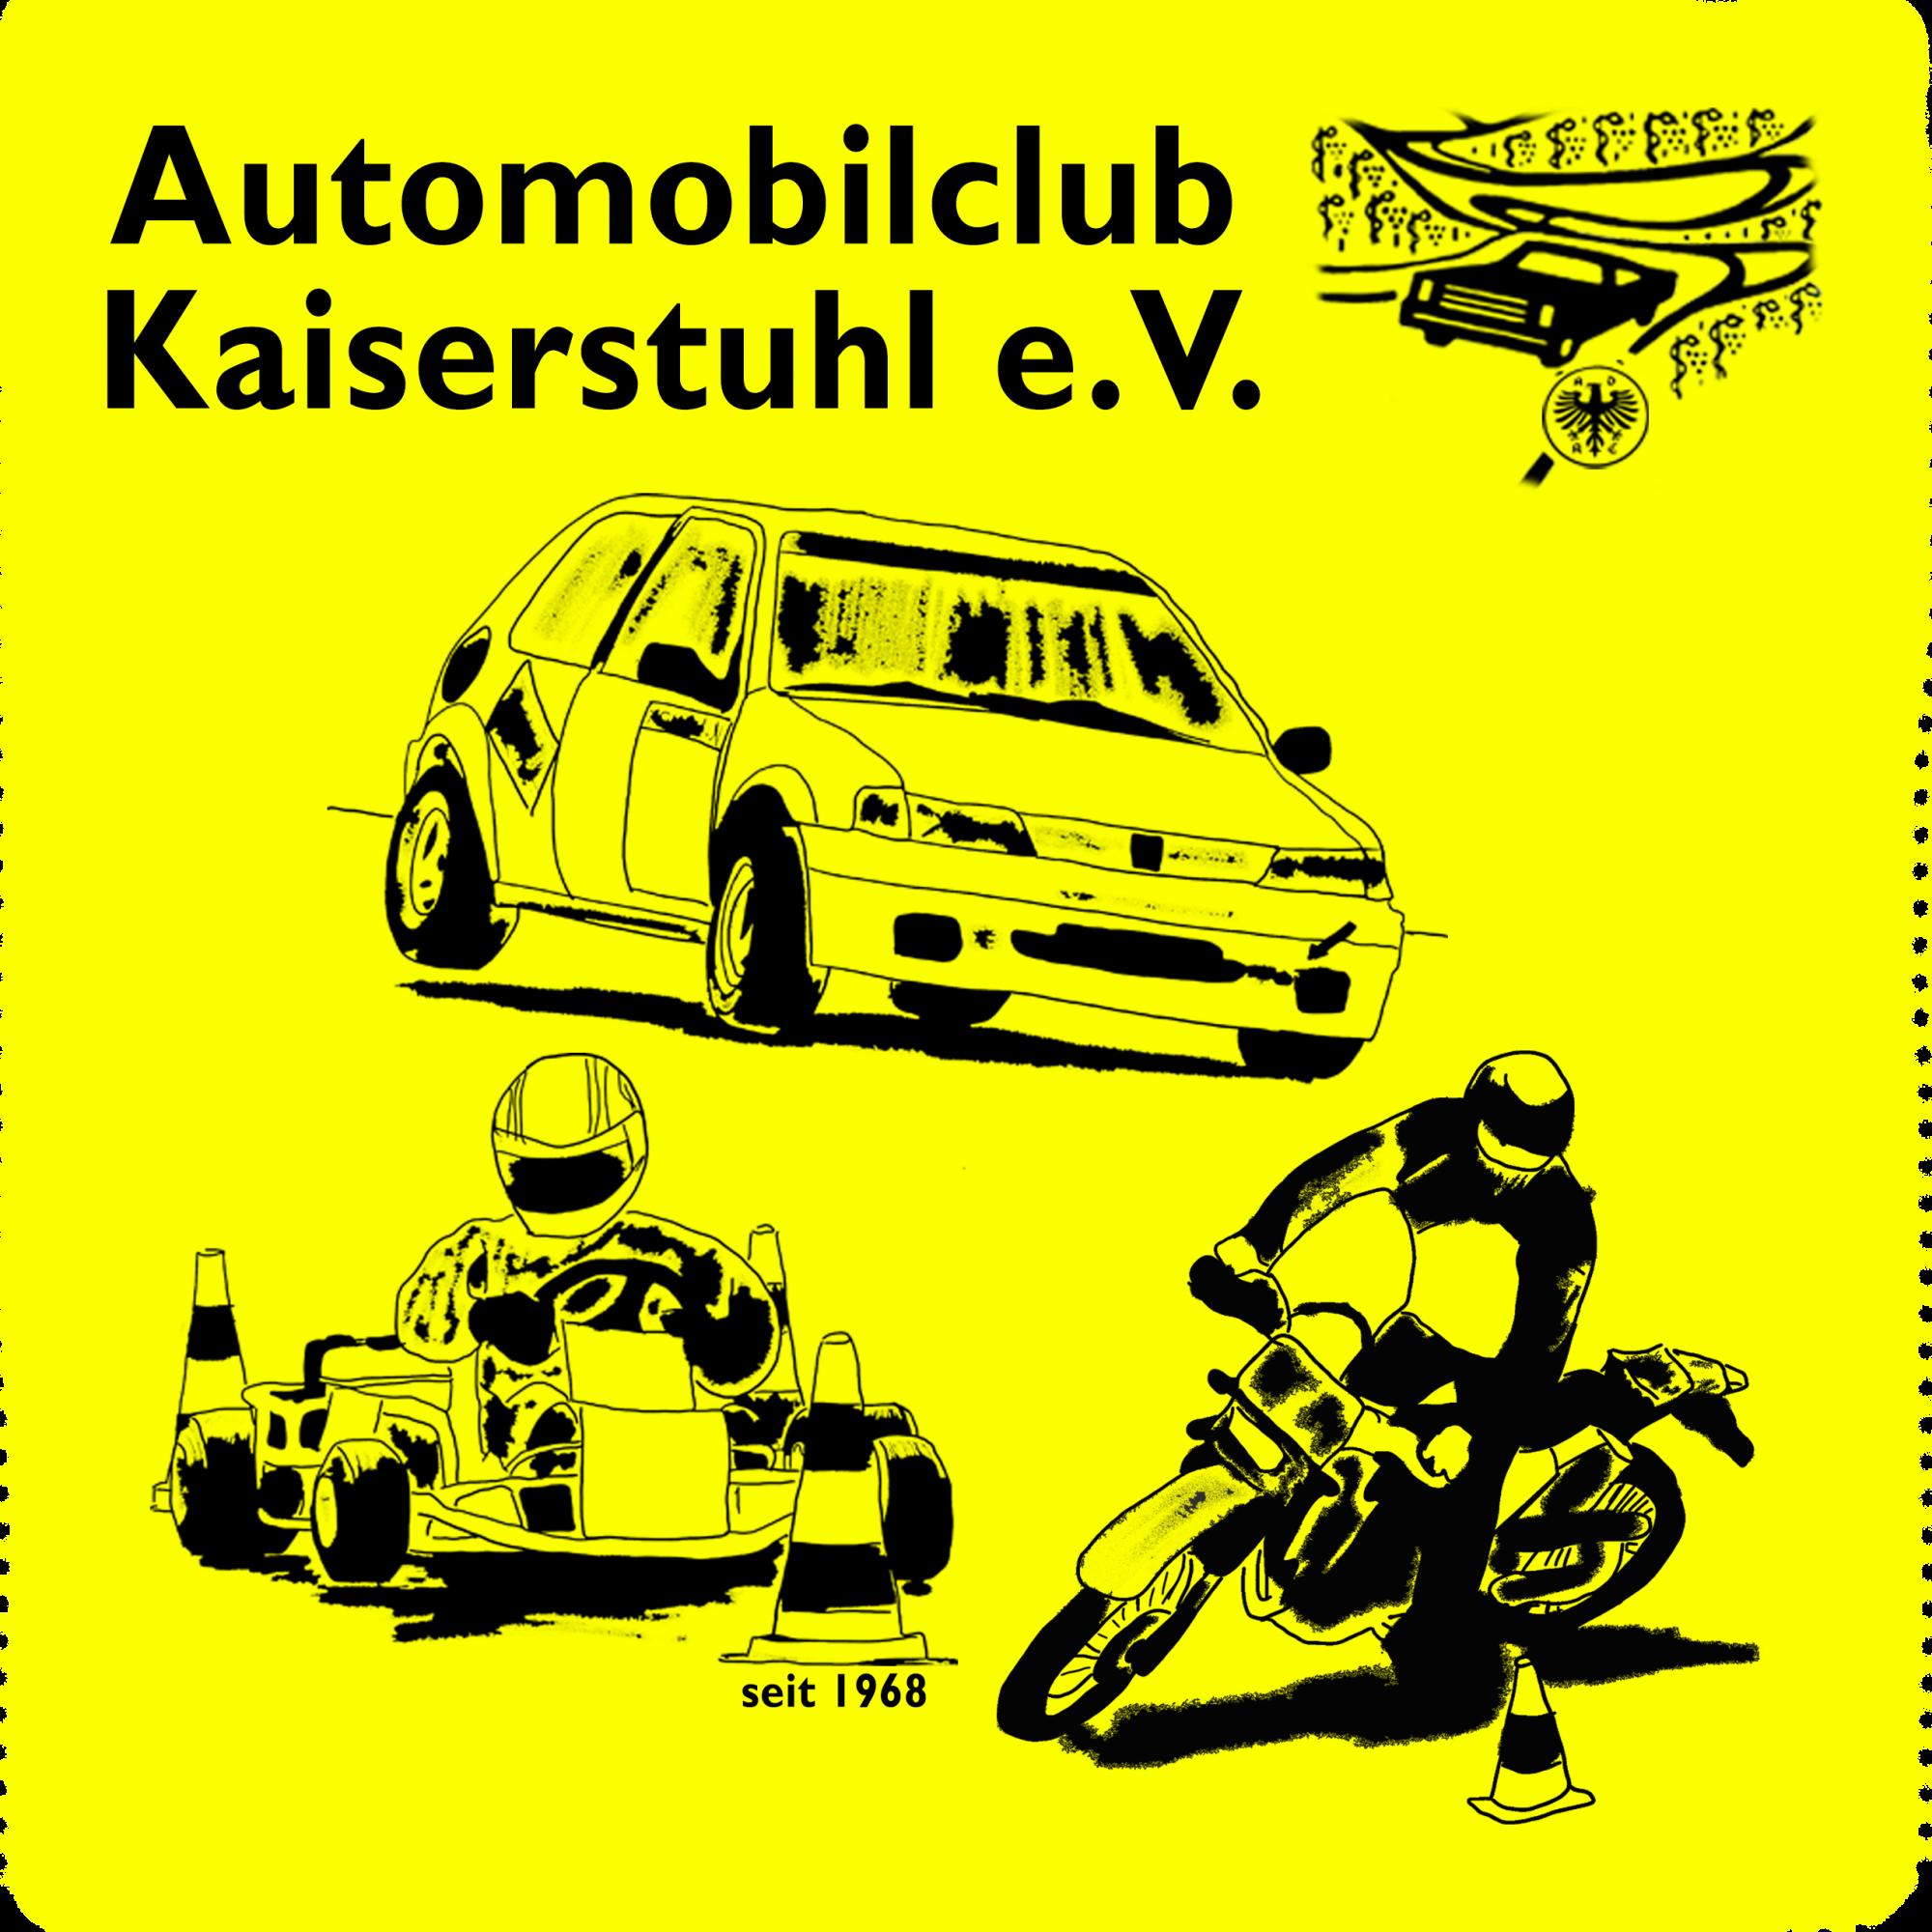 Automobilclub Kaiserstuhl